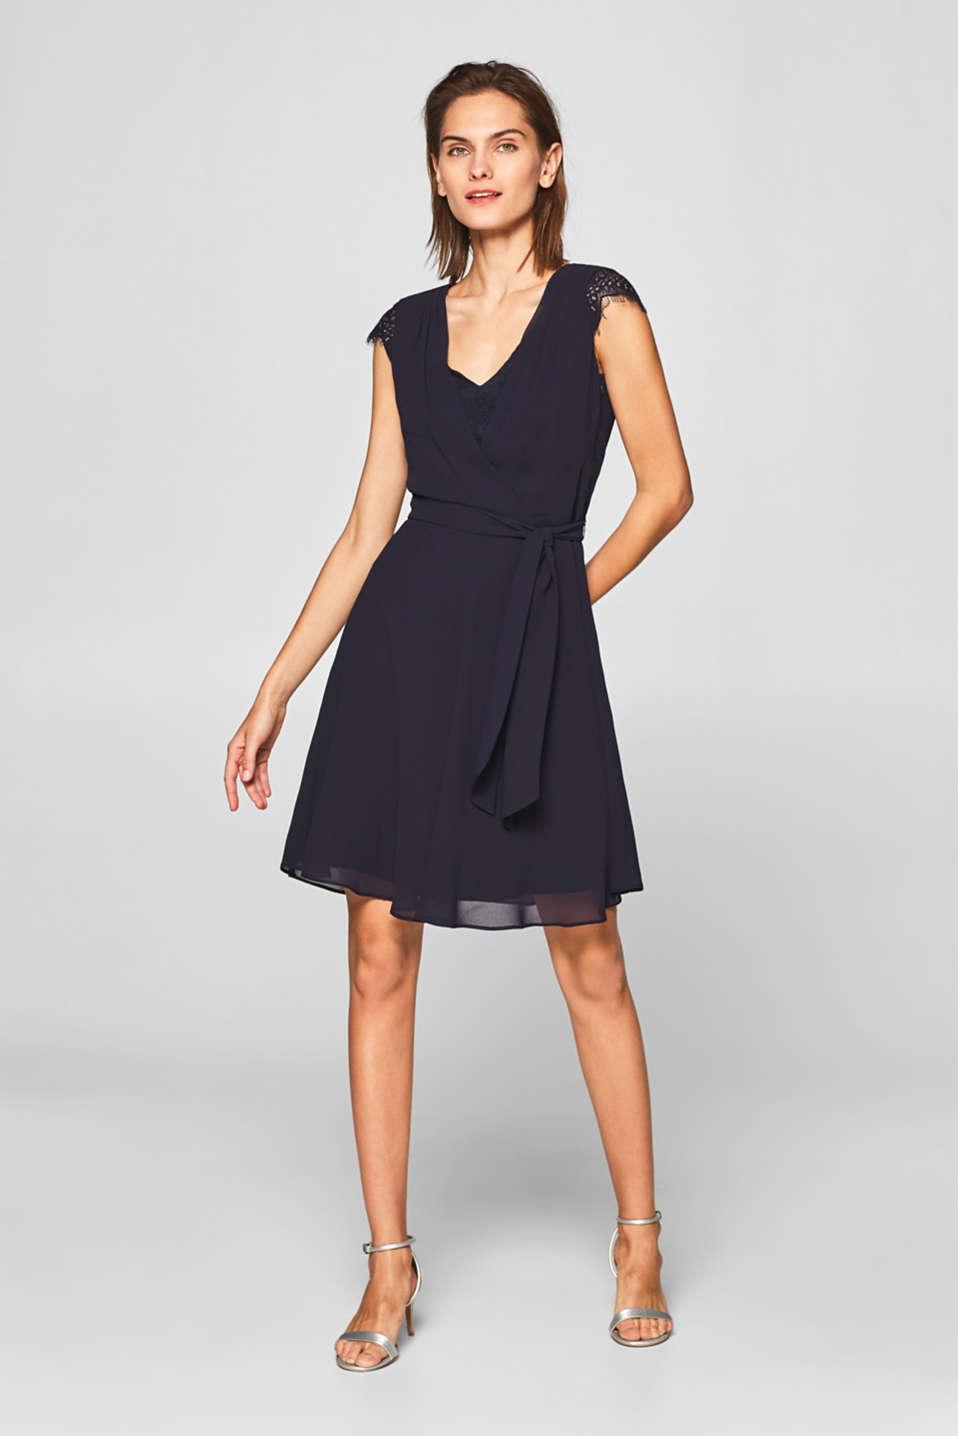 Esprit - Zartes Chiffon-Kleid mit Spitzen-Details im